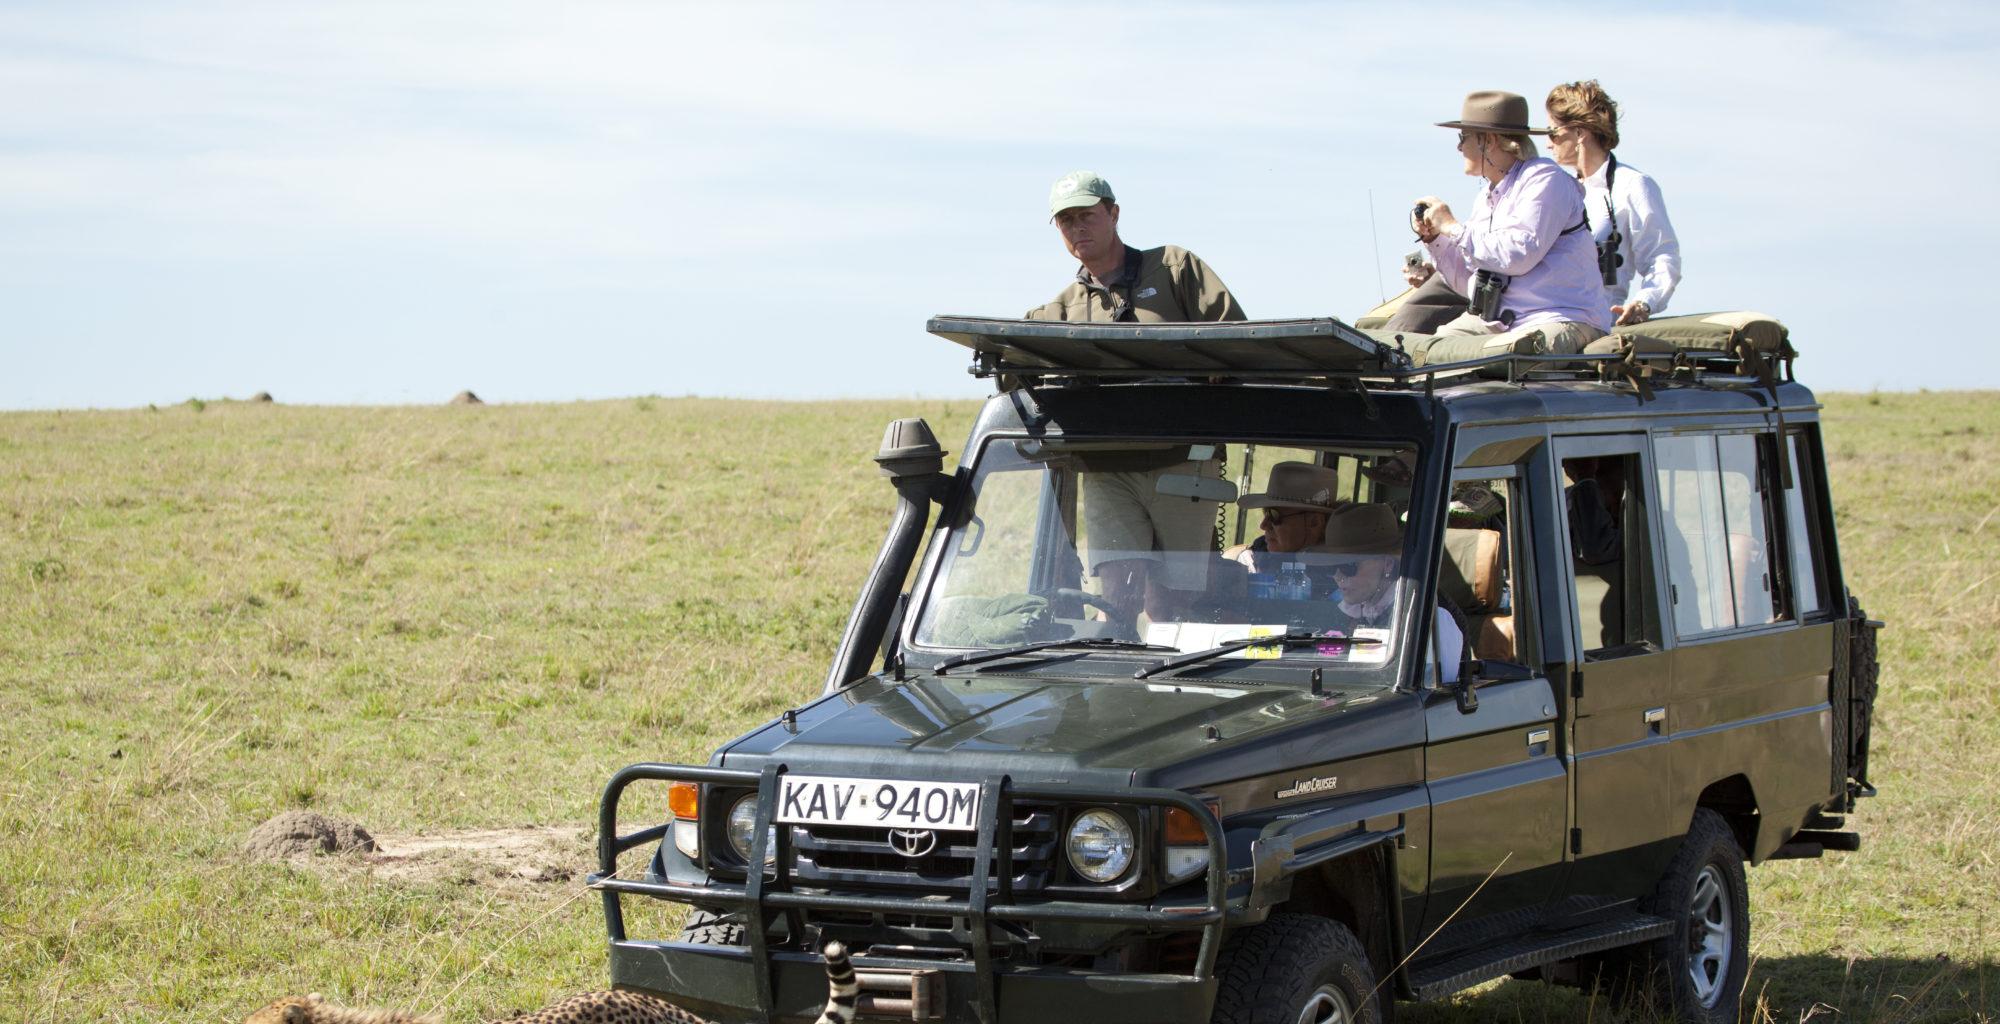 Sala's Camp Kenya Car